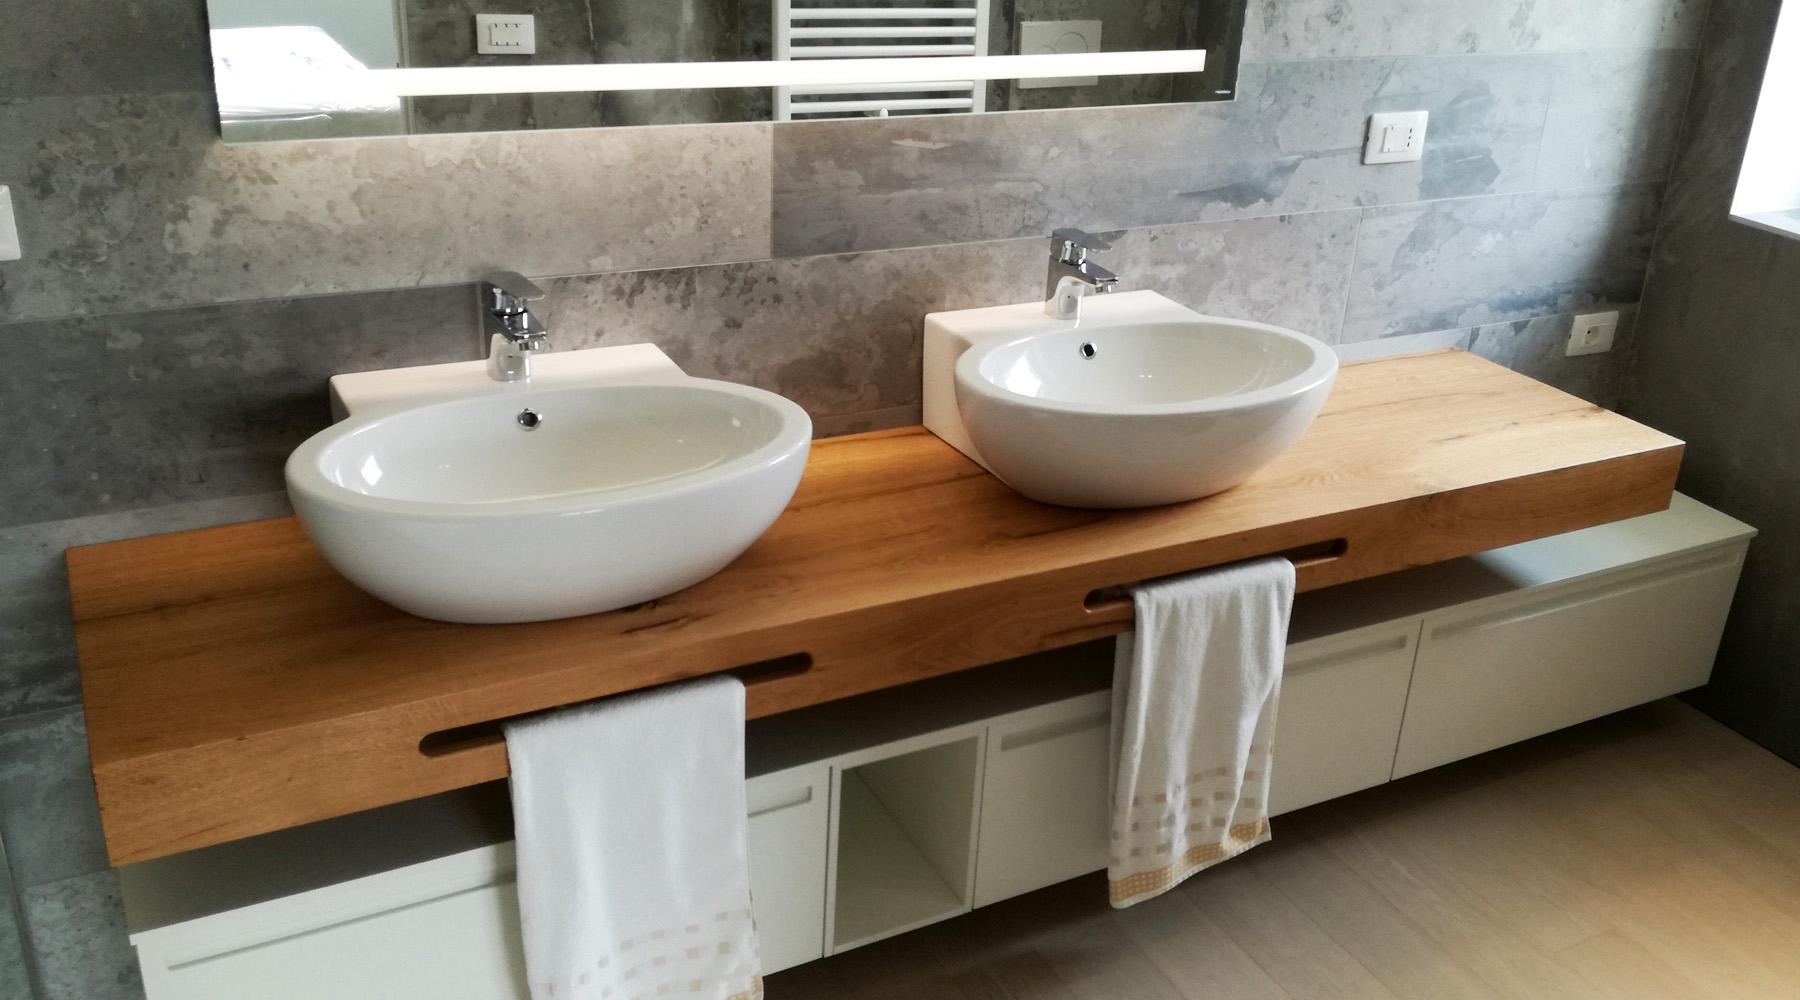 Mobile bagno doppio lavabo con mensola in legno arredamenti barin - Mobile bagno con doppio lavabo ...